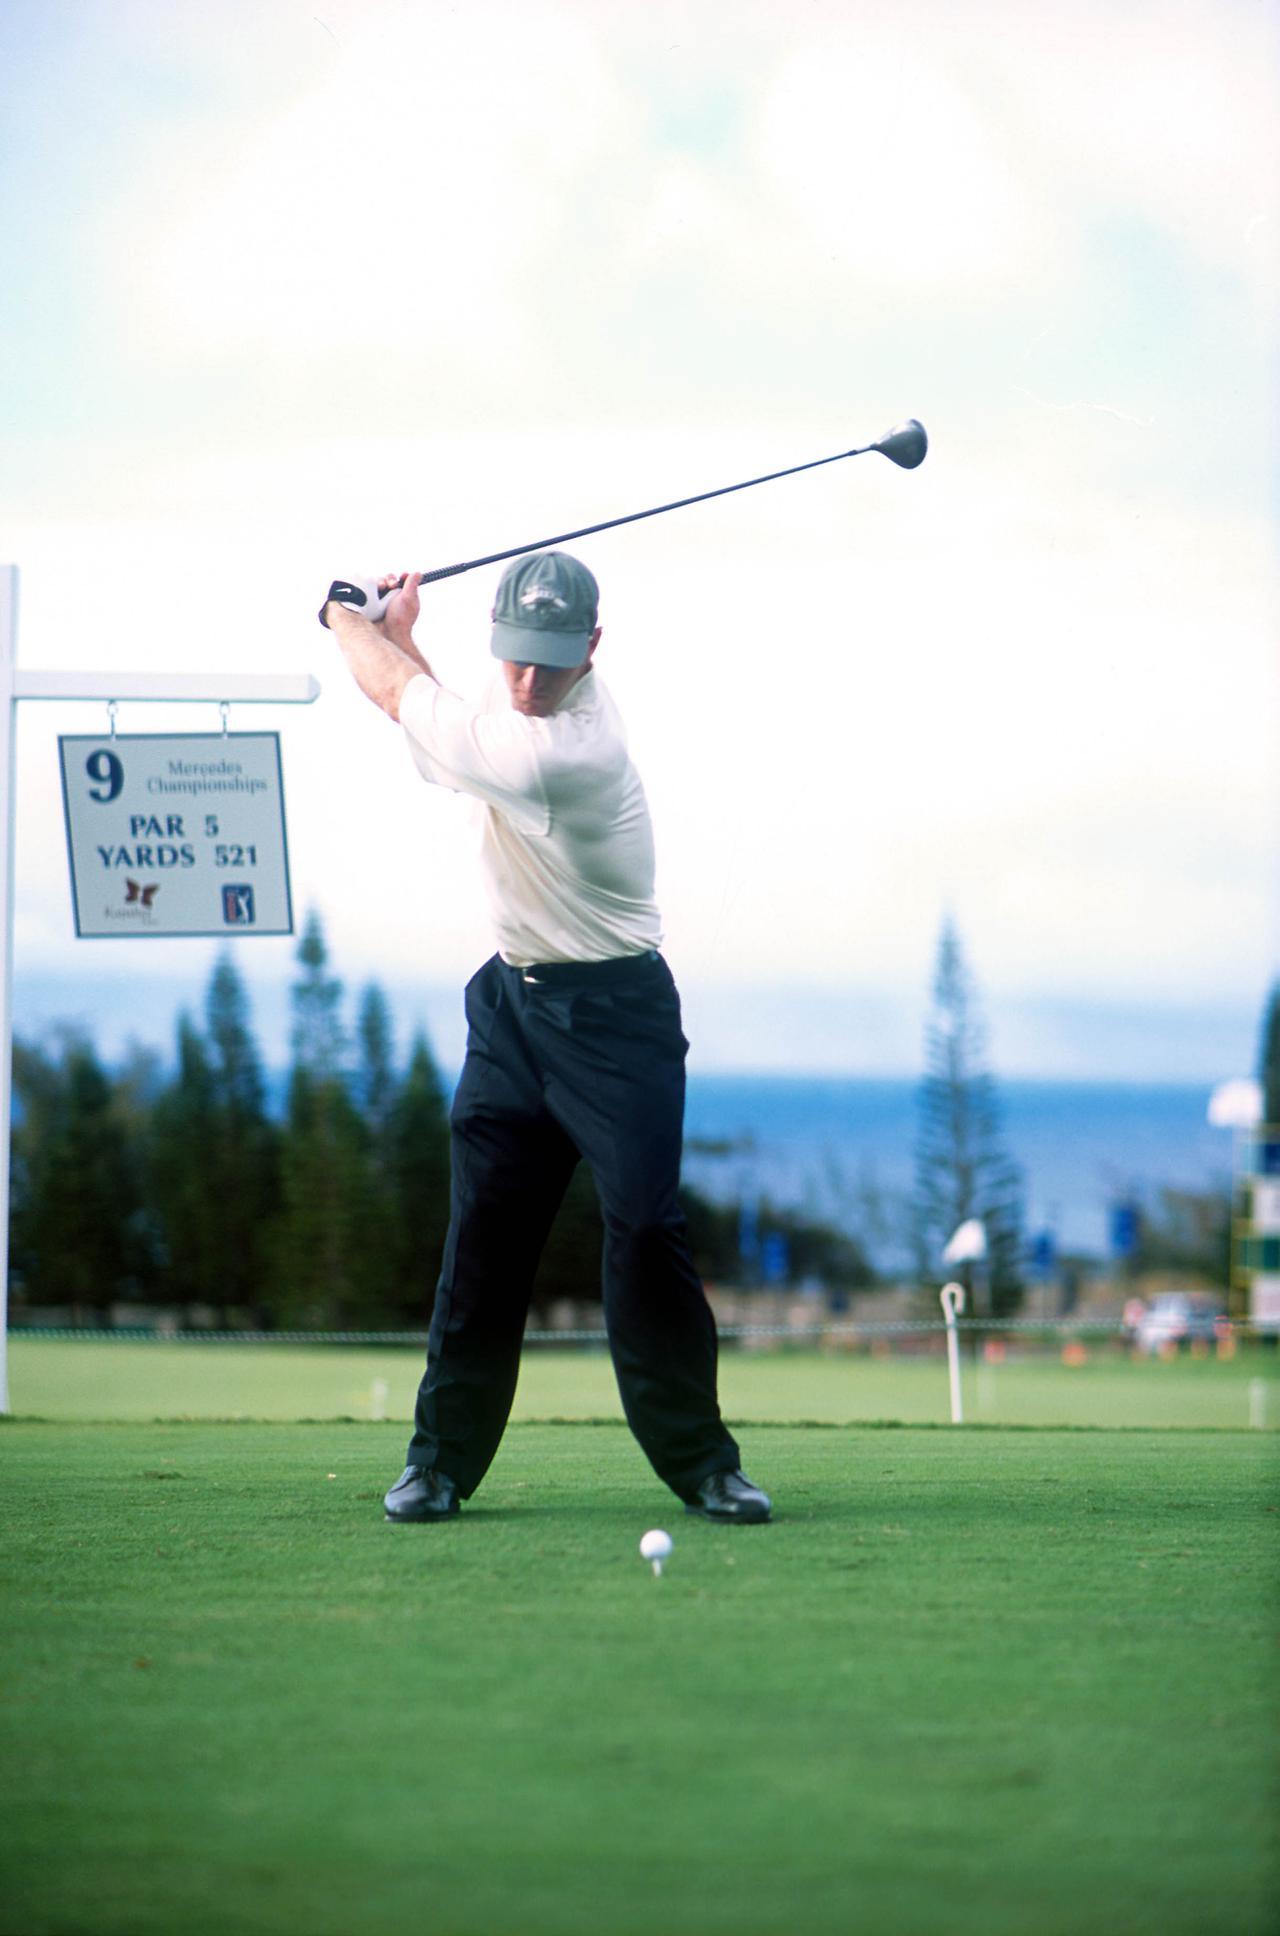 Images : 4番目の画像 - デビッド・デュバル ドライバー正面連続写真 - みんなのゴルフダイジェスト